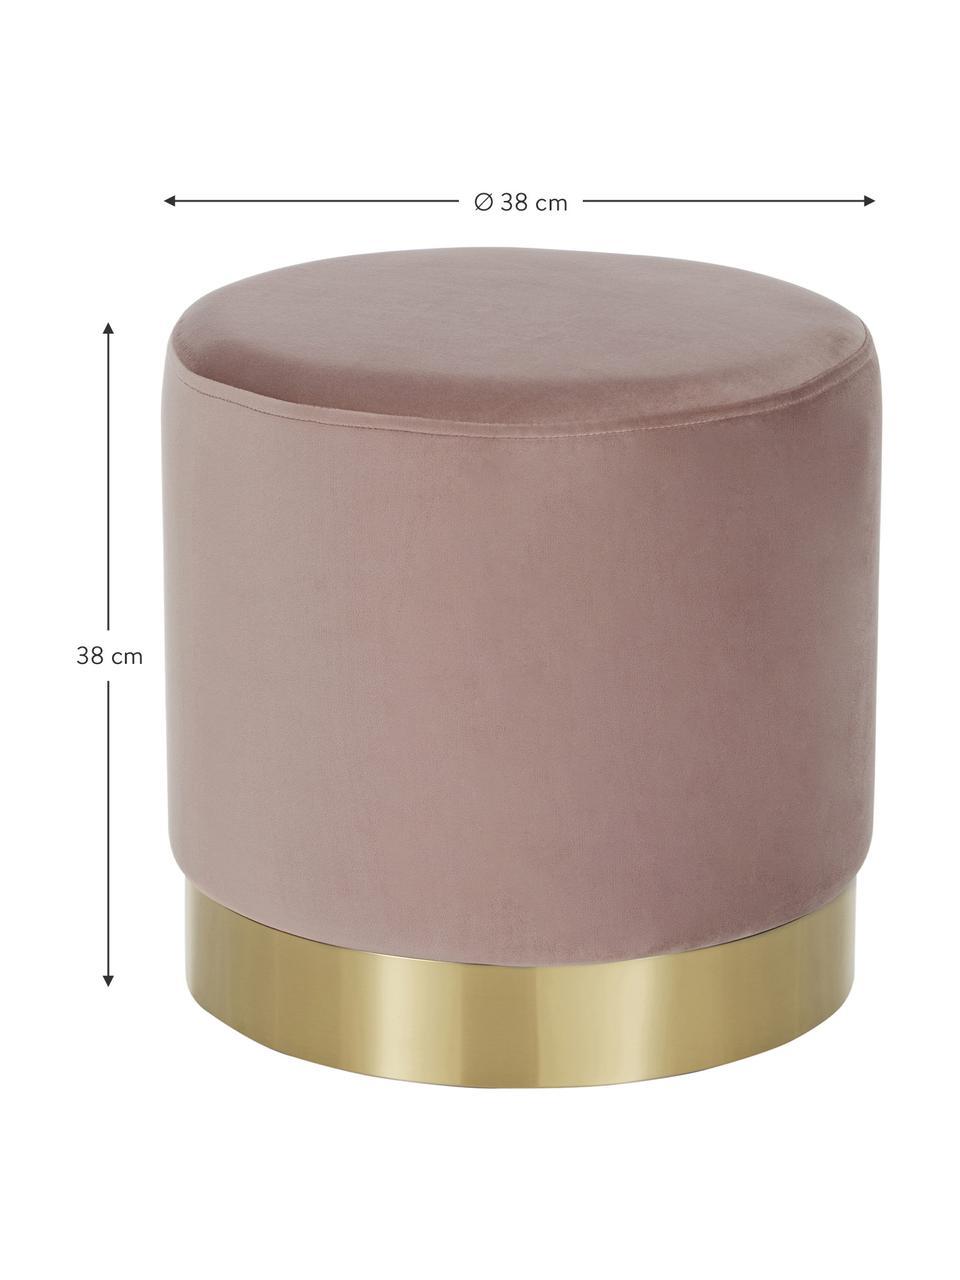 Puf z aksamitu Orchid, Tapicerka: aksamit (100% poliester) , Tapicerka: blady różowy, podstawa: odcienie złotego, ∅ 38 x W 38 cm